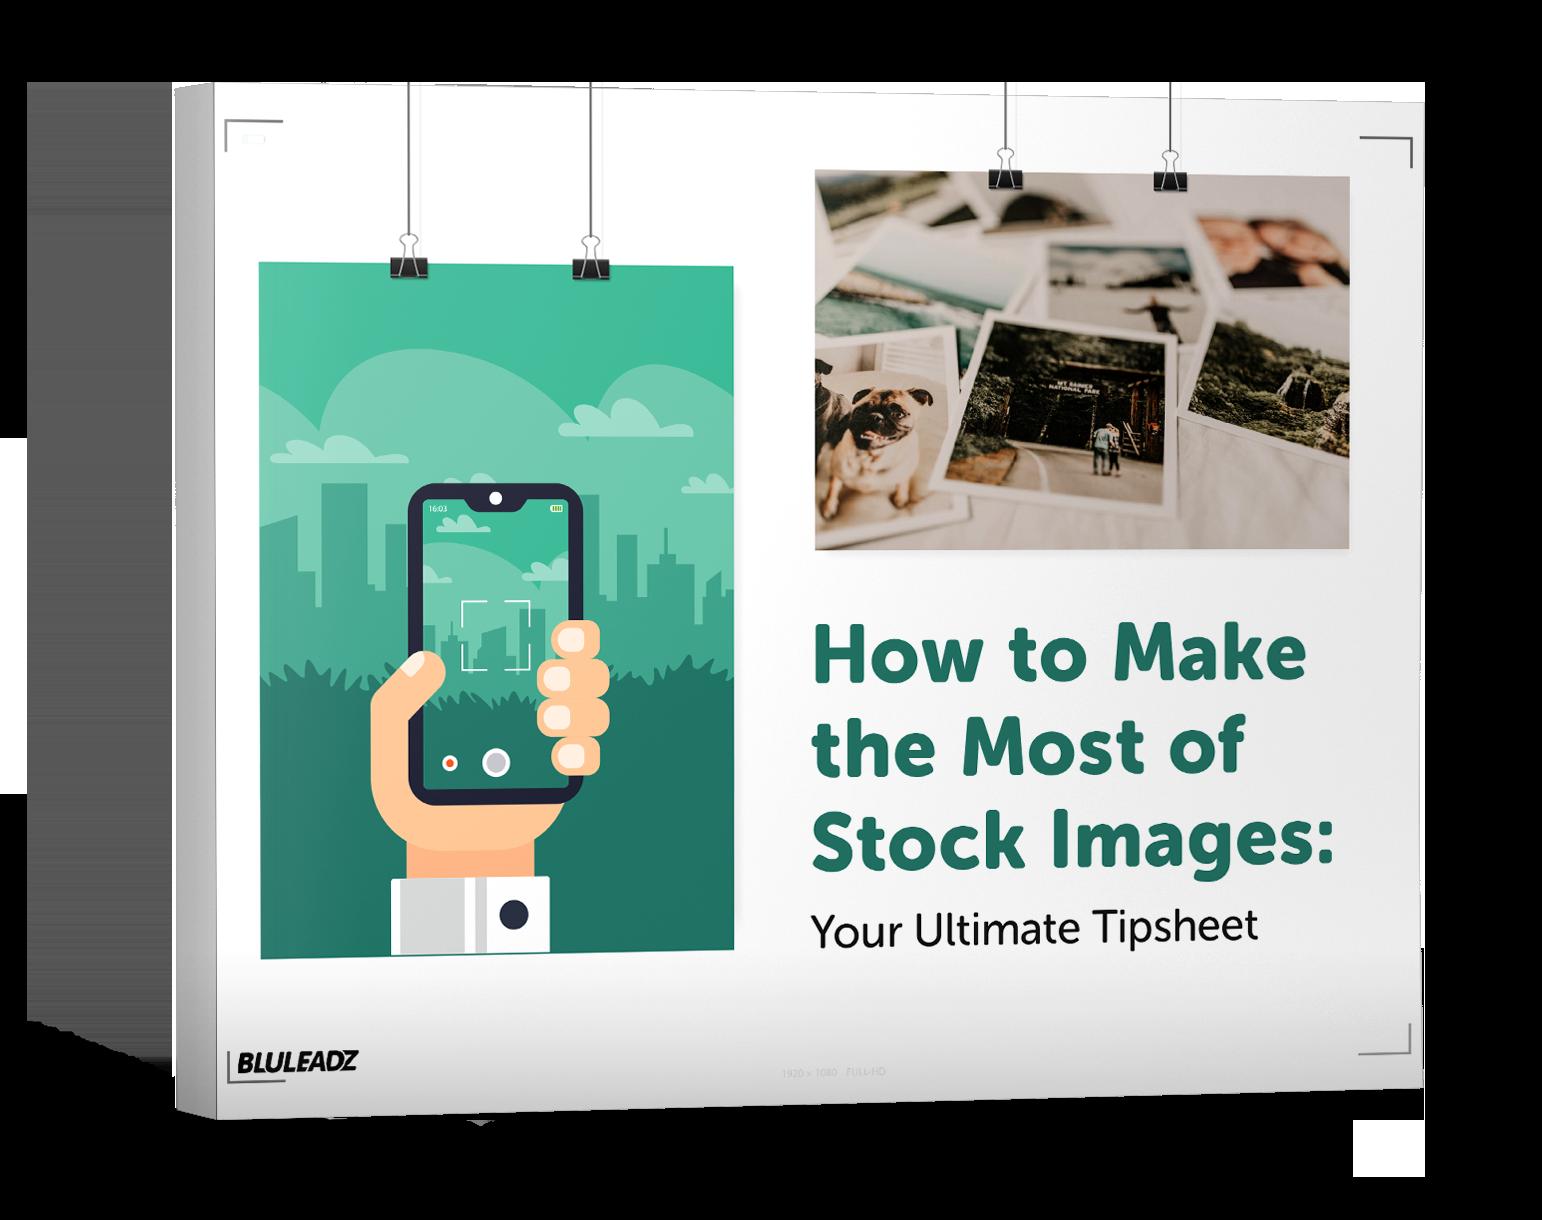 stock-image-tipsheet-3d--large